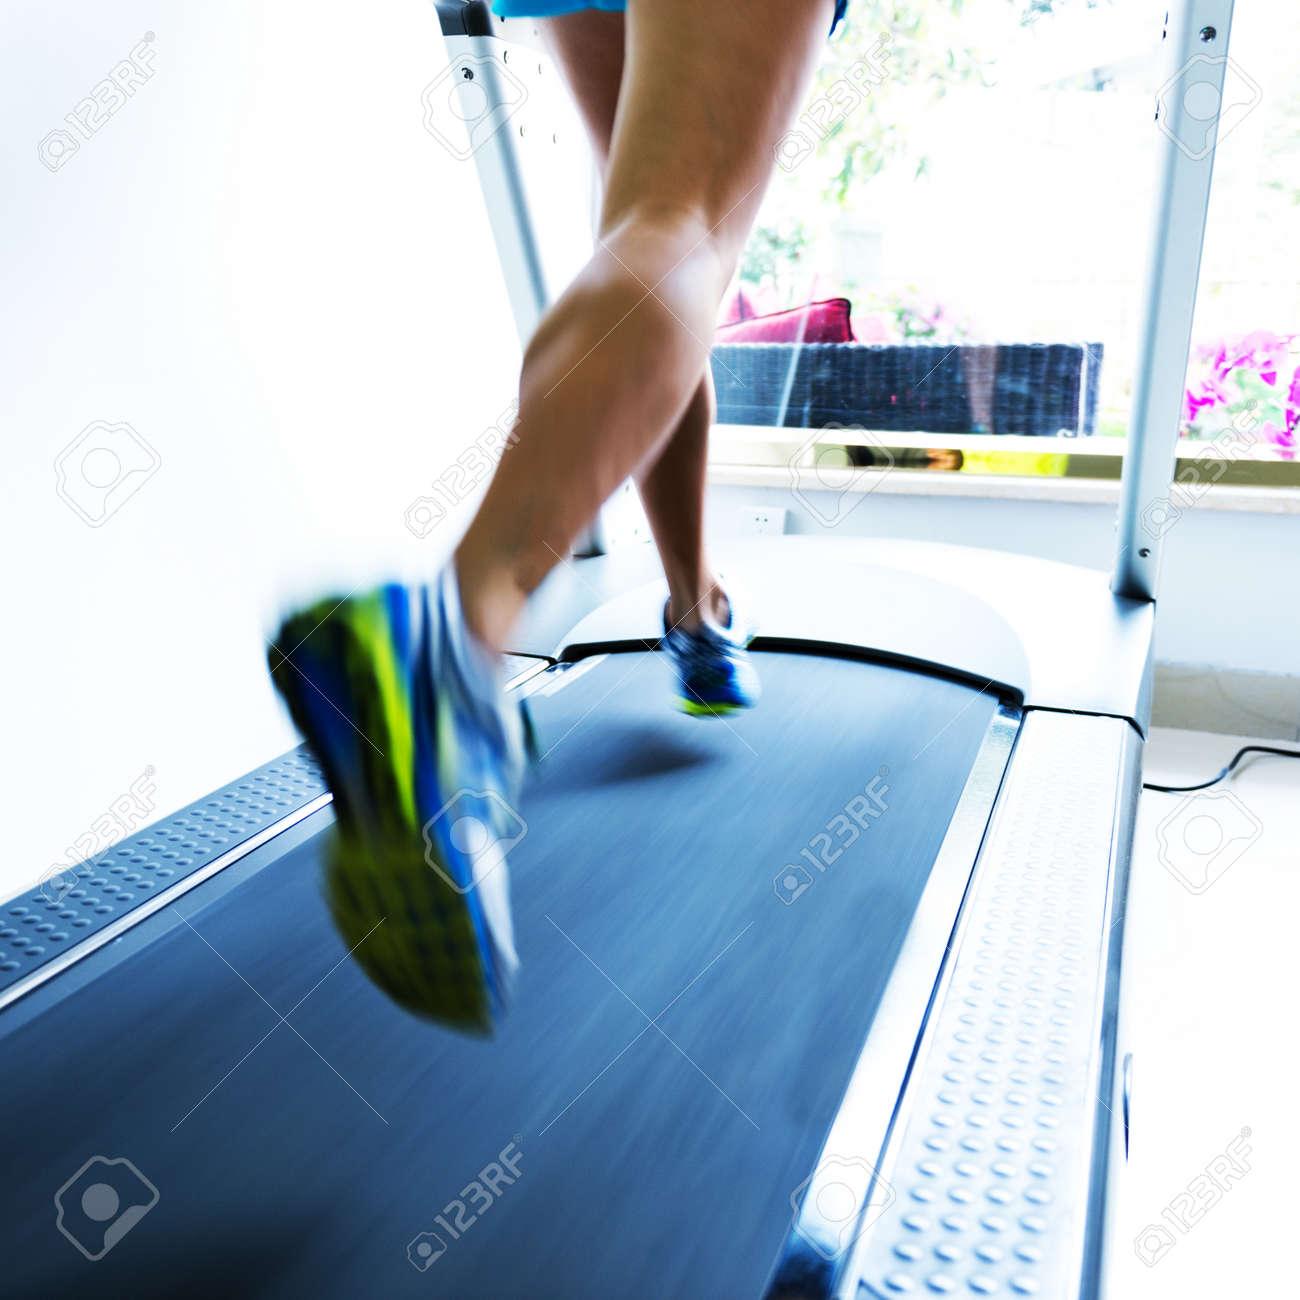 People running on a treadmill Stock Photo - 35414547